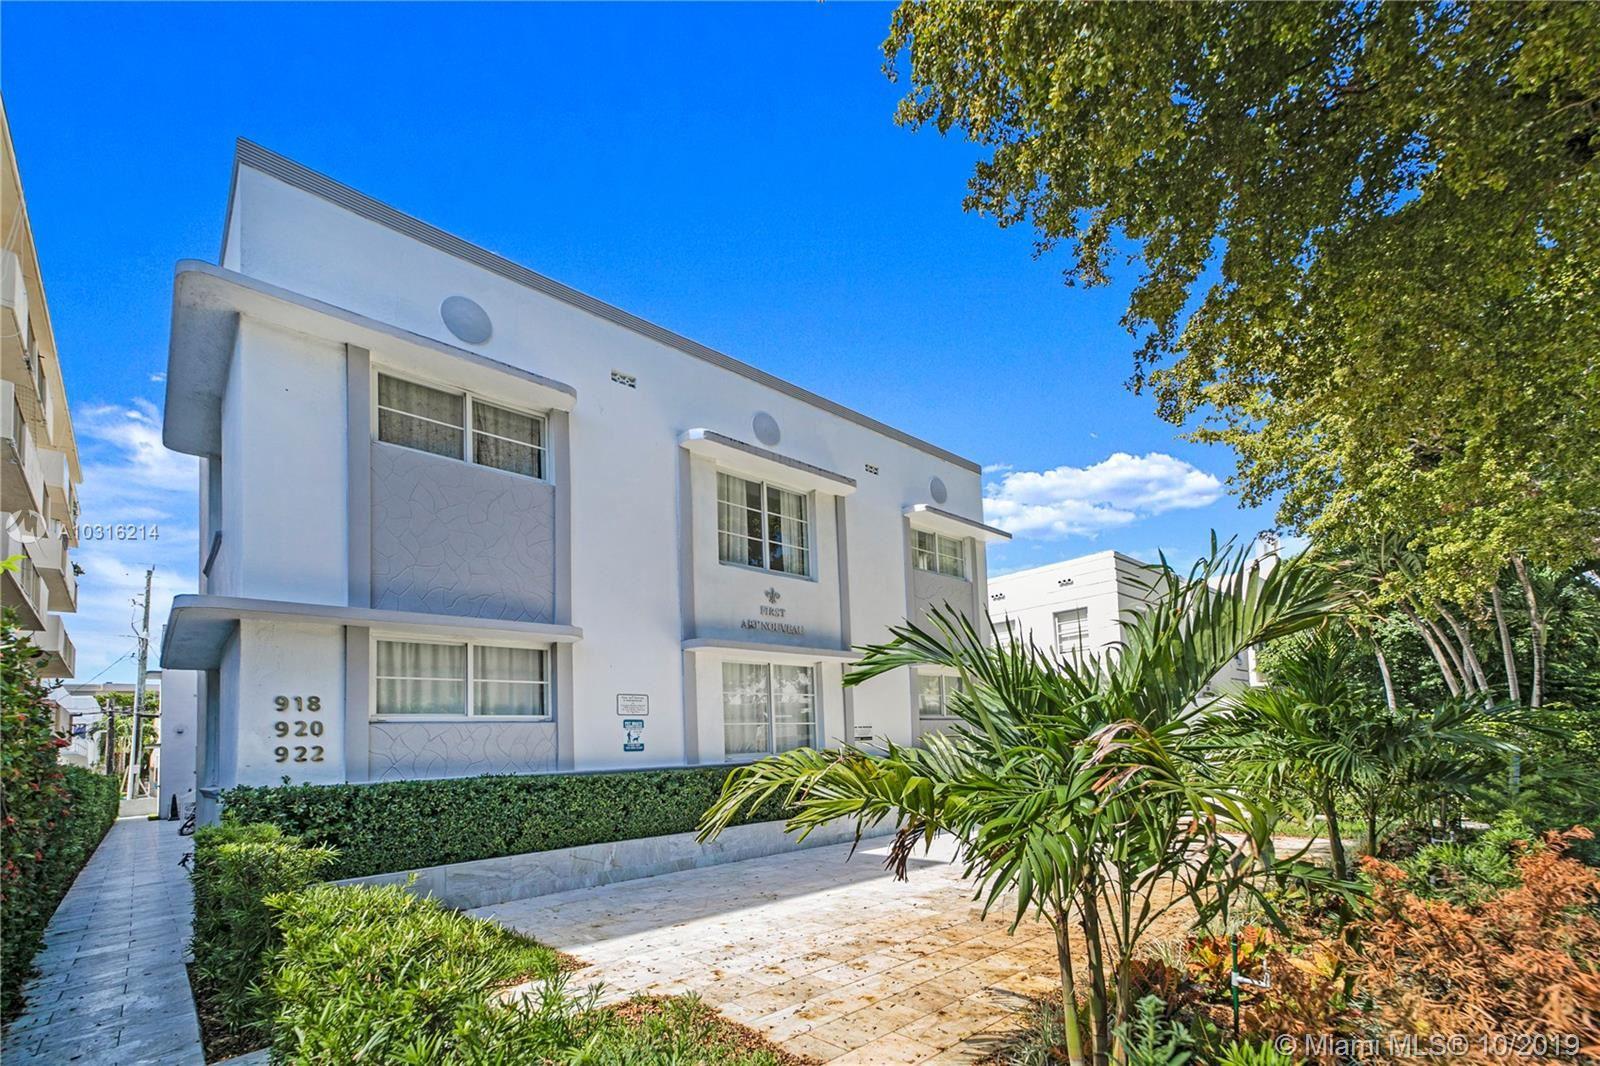 920 Jefferson Ave #5, Miami Beach, FL 33139 - #: A10316214